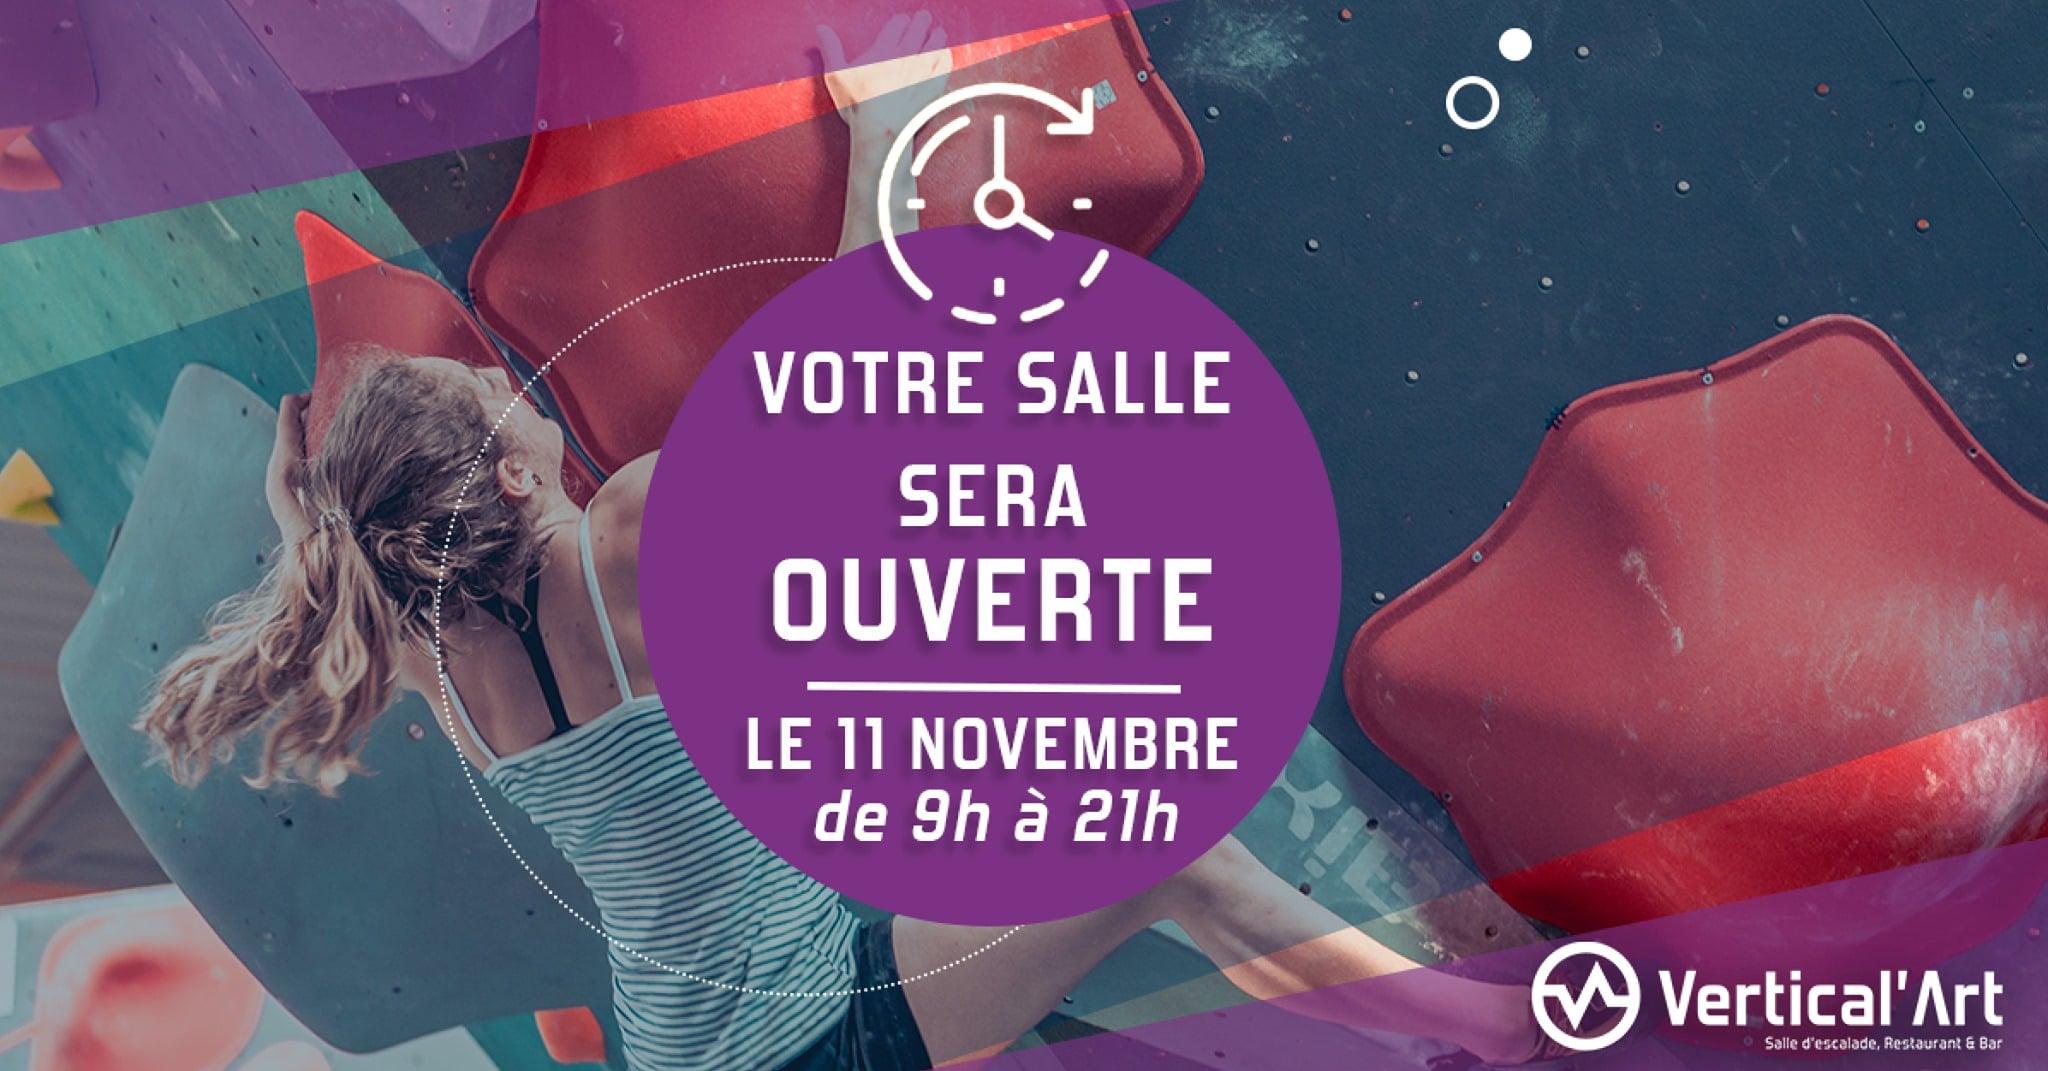 horraire - salle d'escalade de bloc - Vertical'Art Nantes - jour ferier - salle ouverte